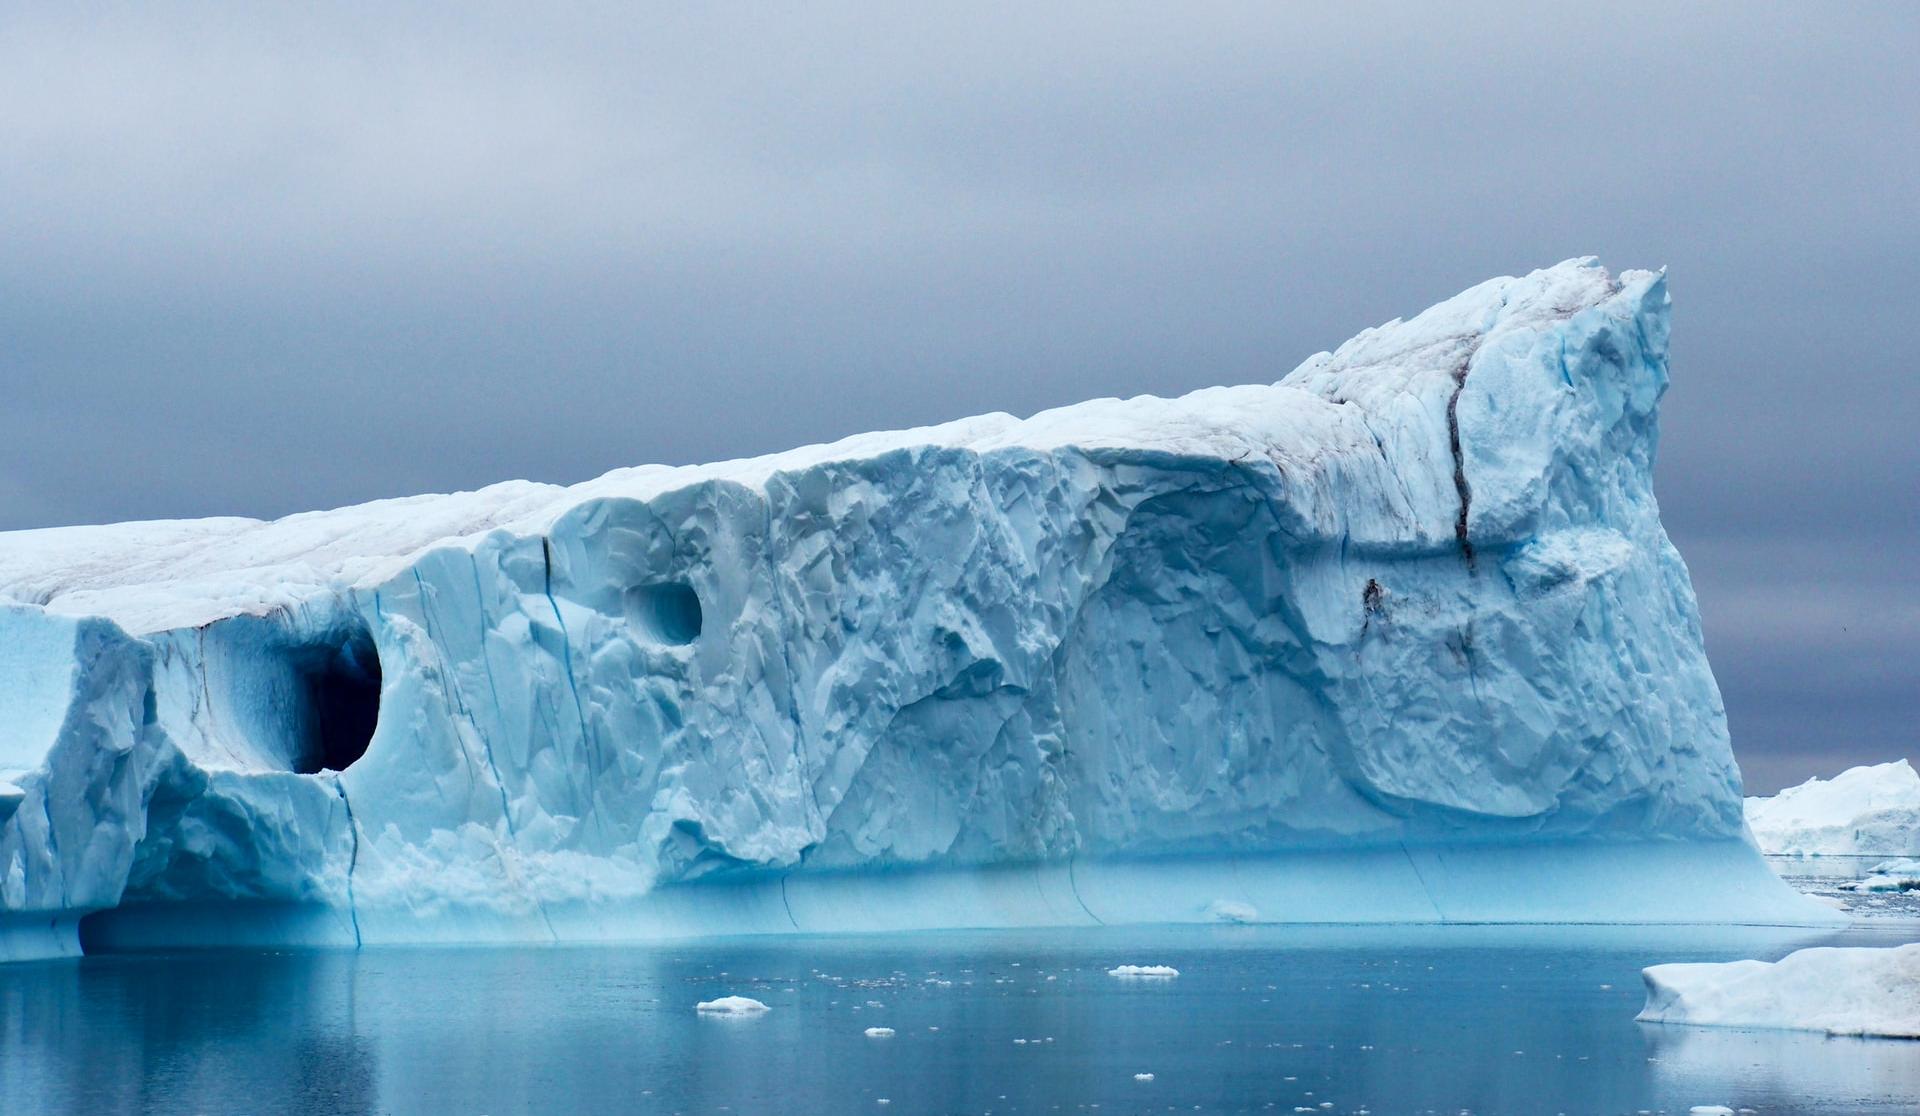 ВГренландии из-за аномальной жары стремительно тает ледяной покров